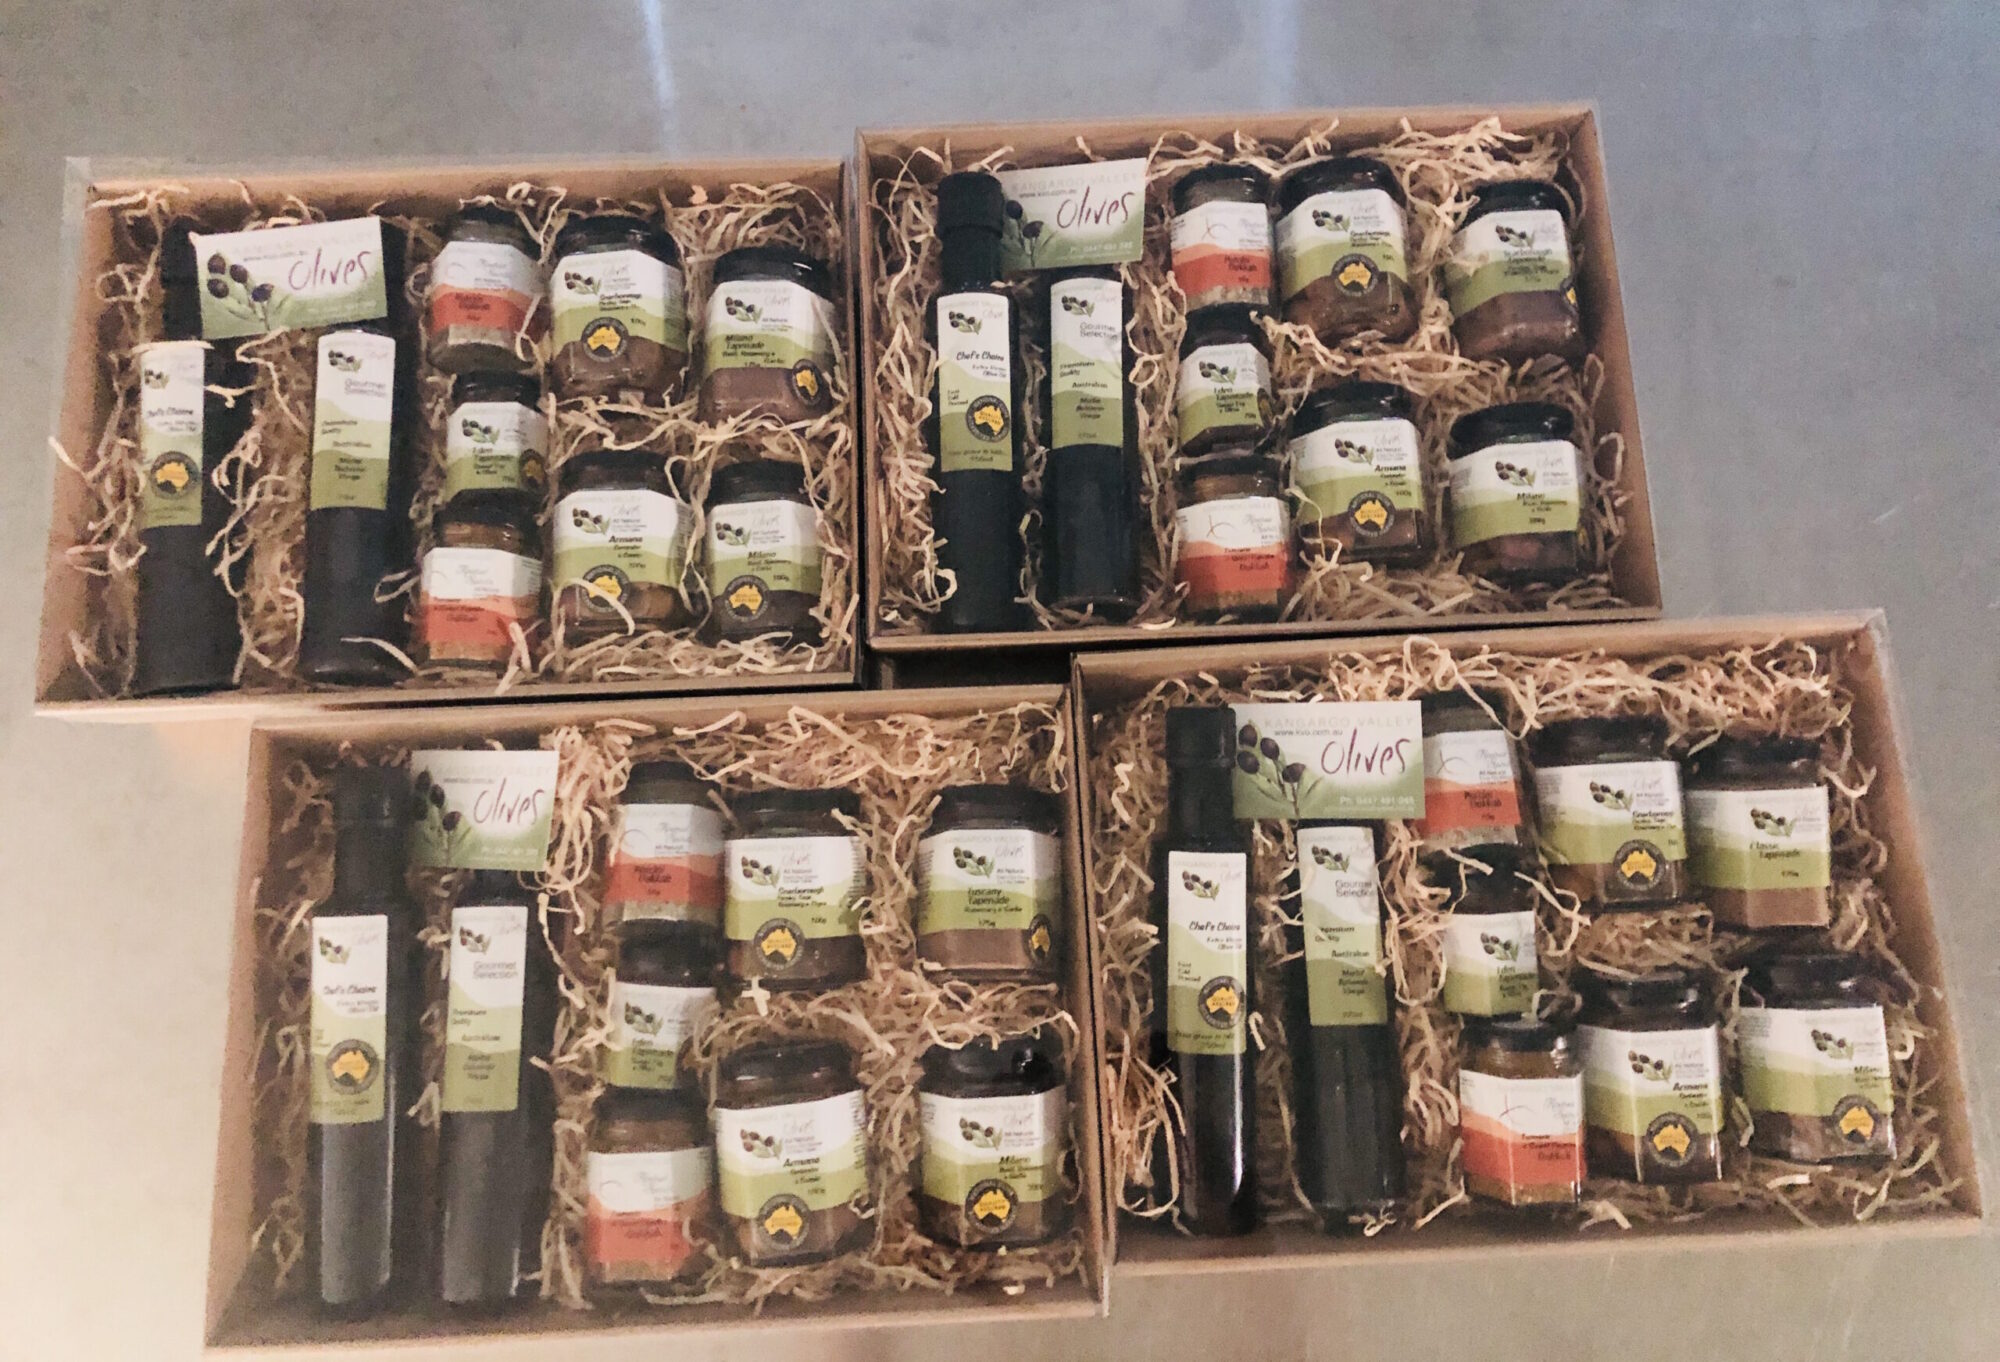 kangaroo valley olives hampers olives olive oil dukkah